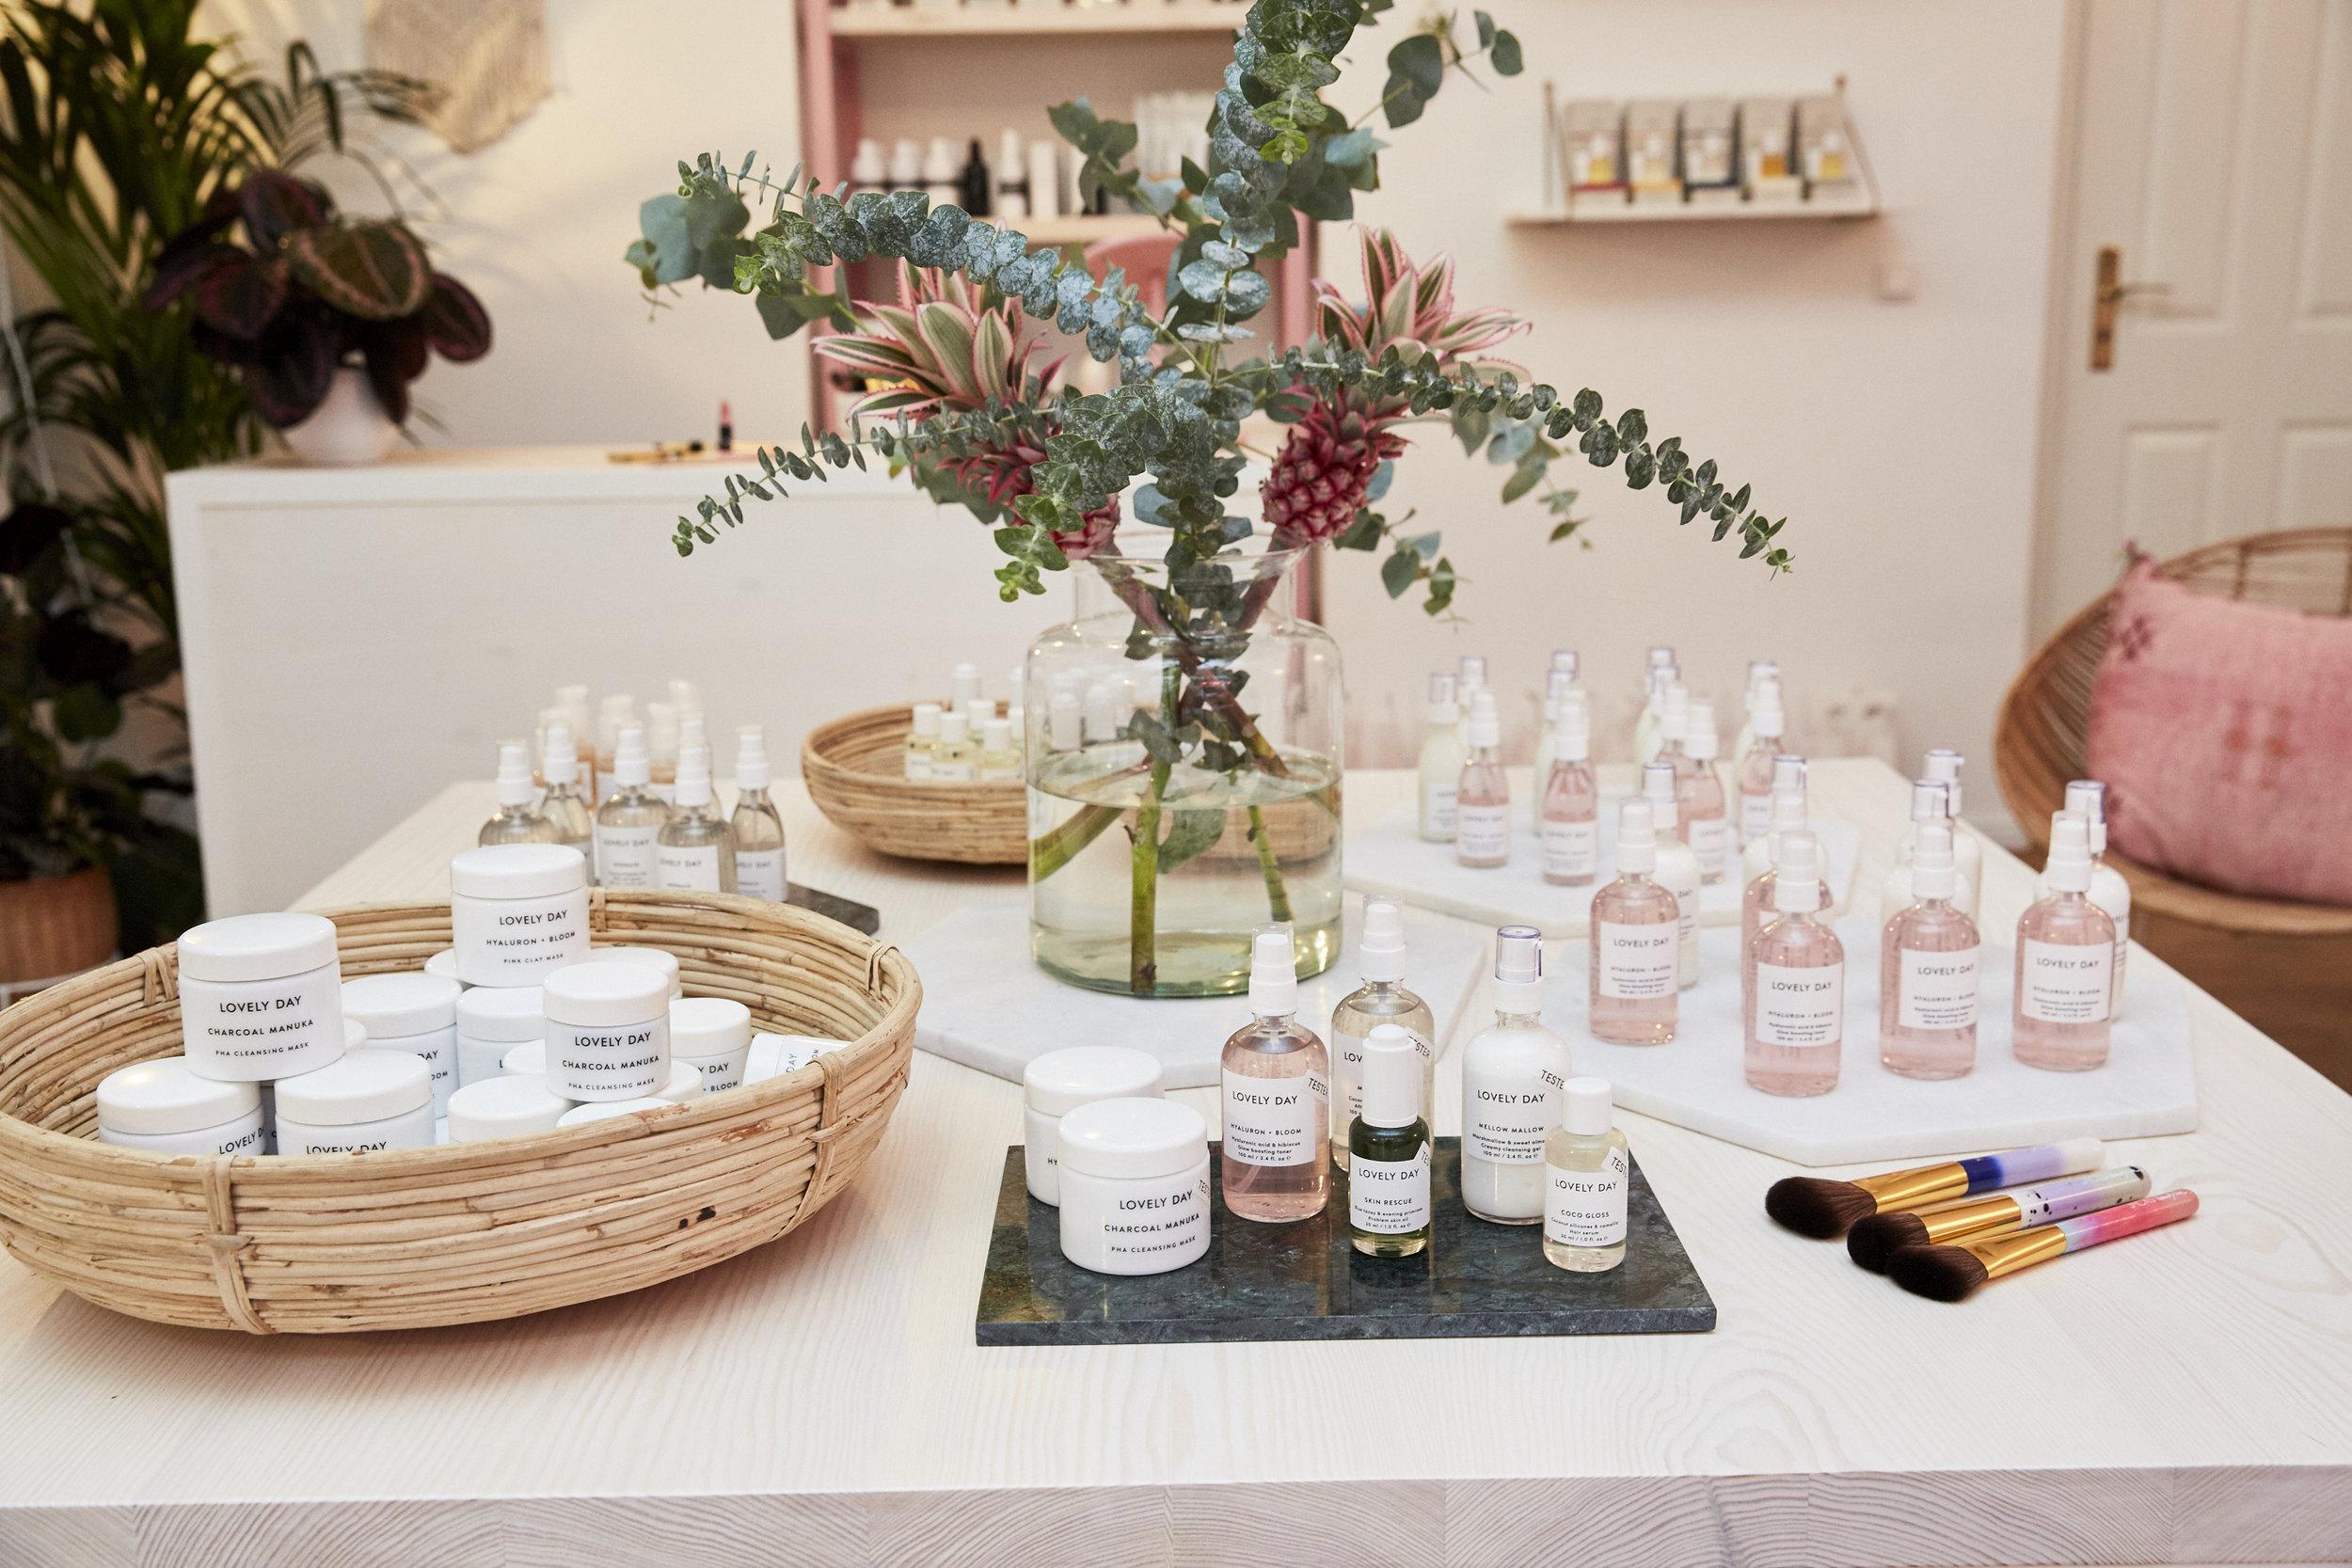 YOU GOTTA KNOWlovey day botanicals - der store! - Wir stellen euch in dieser Woche einen tollen neuen Beauty Store in Berlin vor. Lovely Day Botanicals vertreibt nicht nur die wunderschöne Organic Eigenmarke sondern ab sofort auch unsere JACKS beauty line Pinsel.LOS GEHT'S